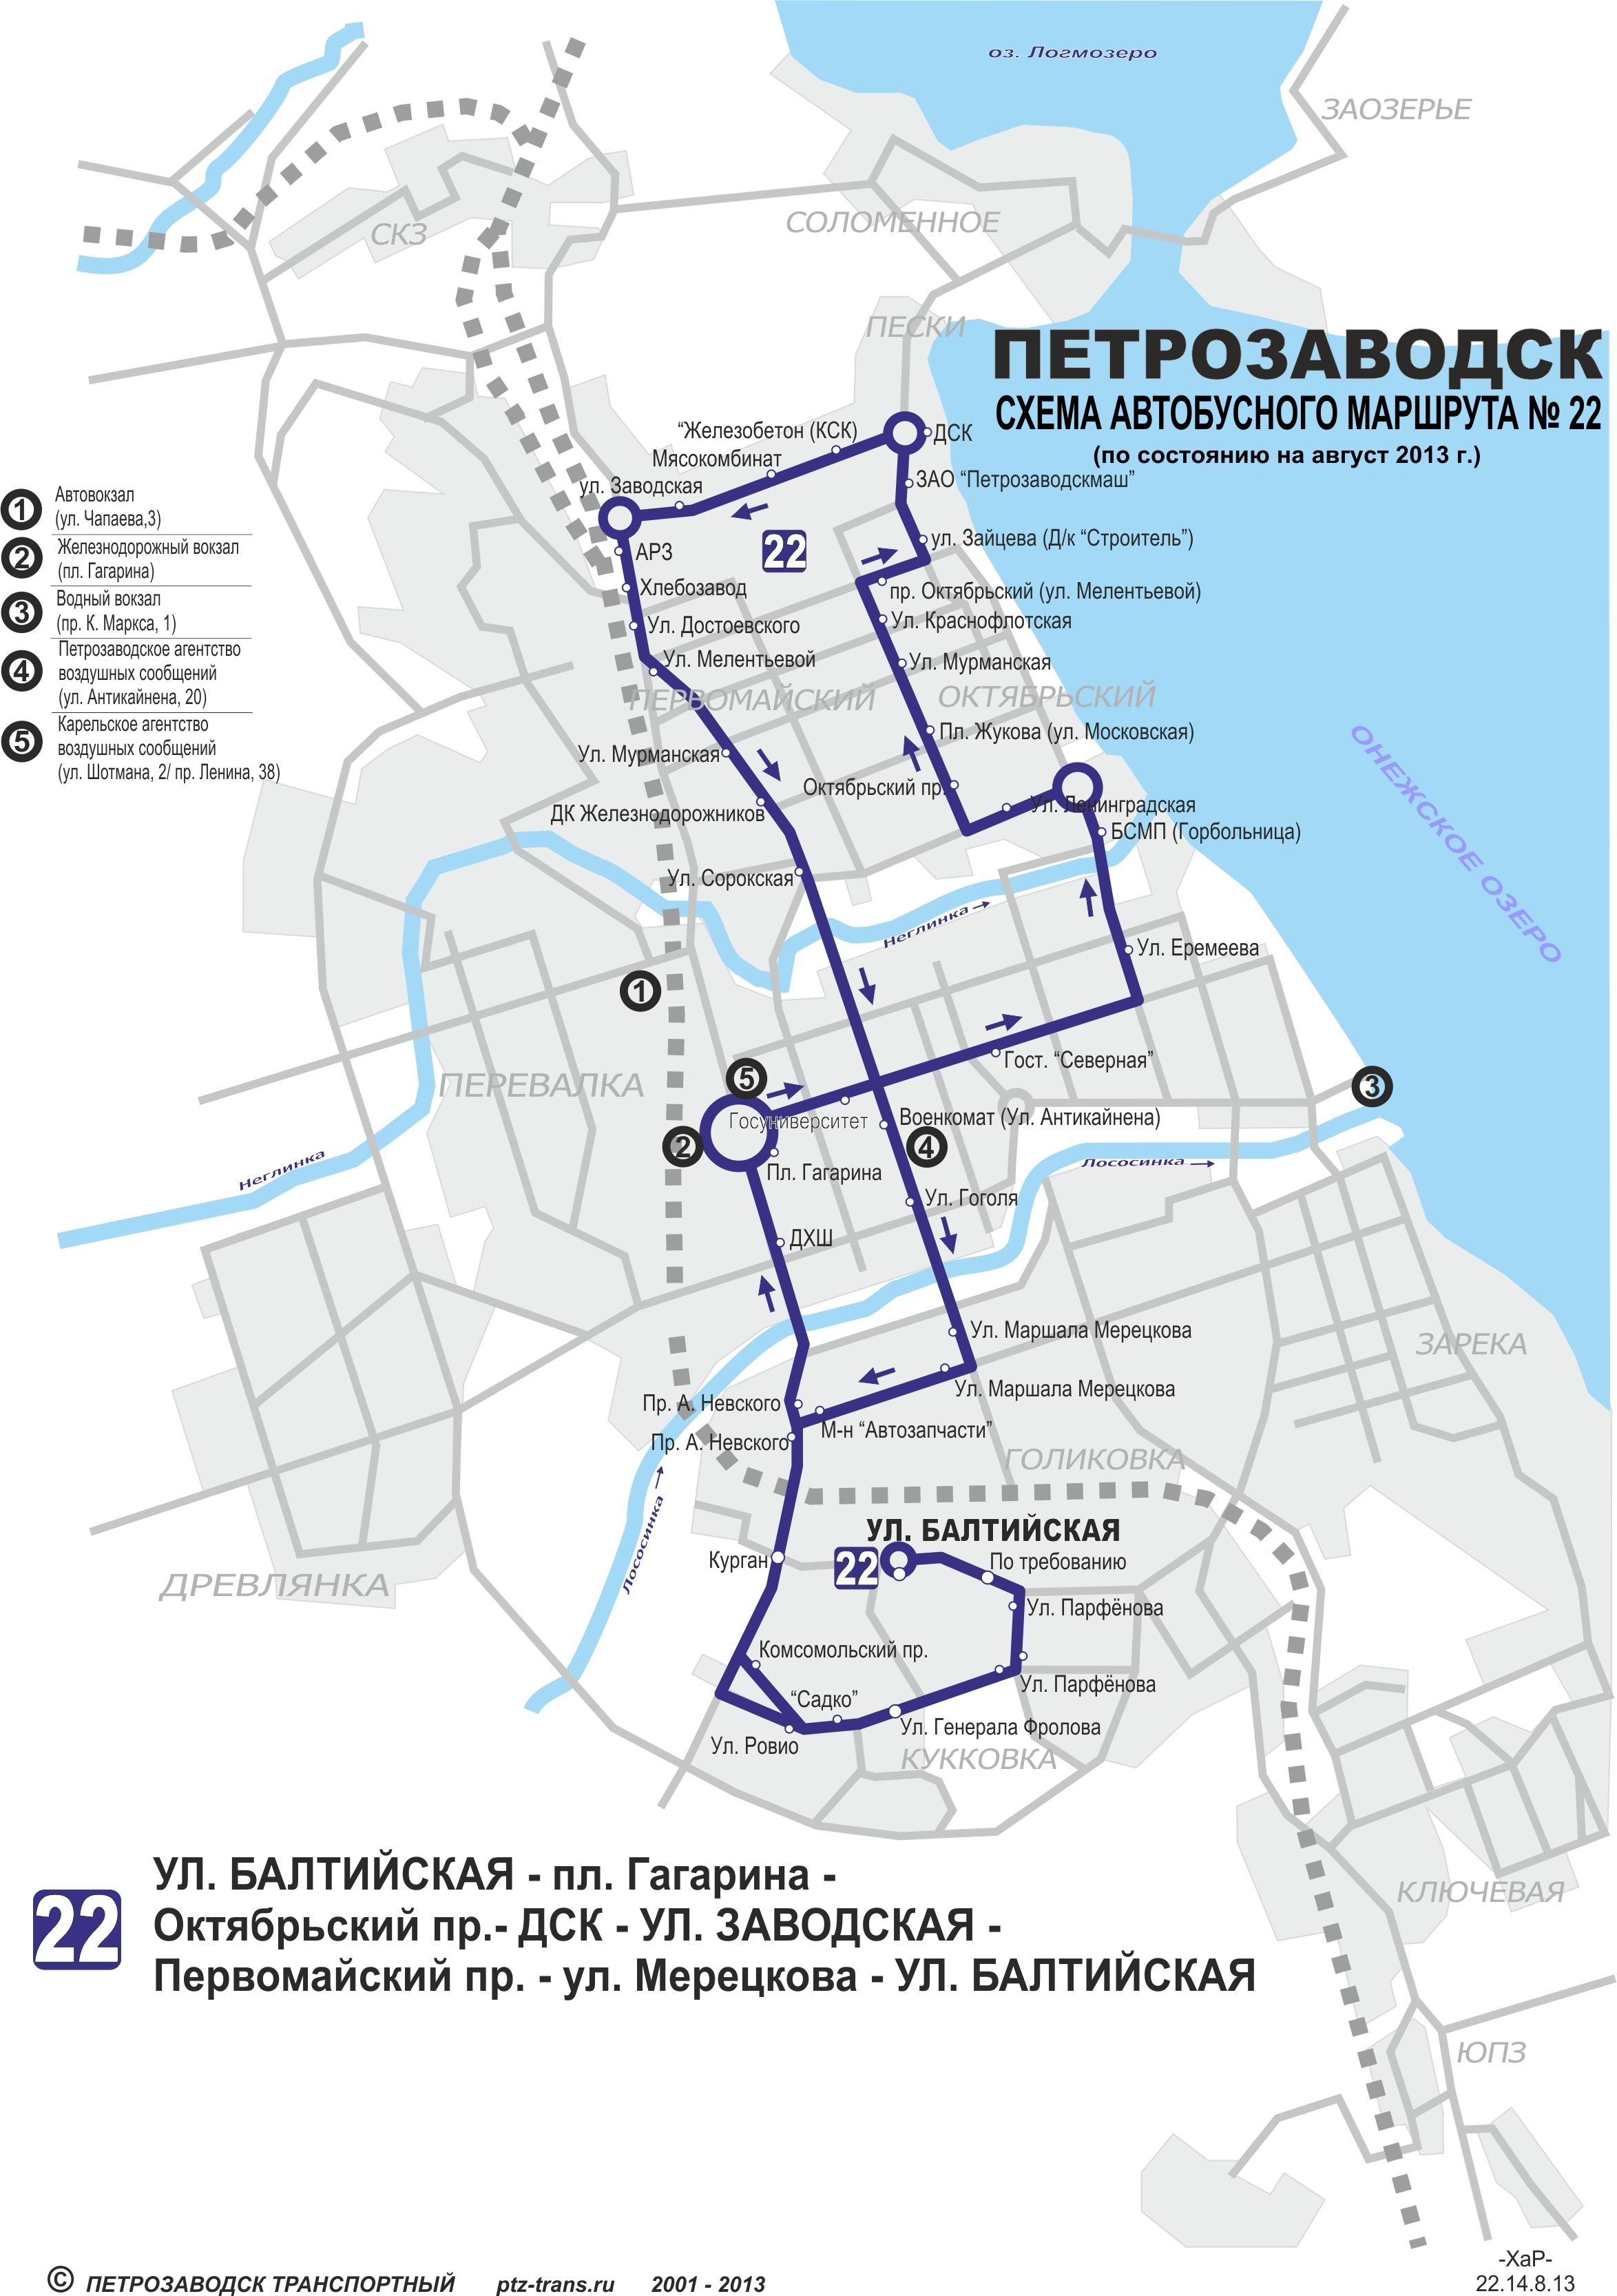 схема маршрутов автобусов в санкт-петербурге